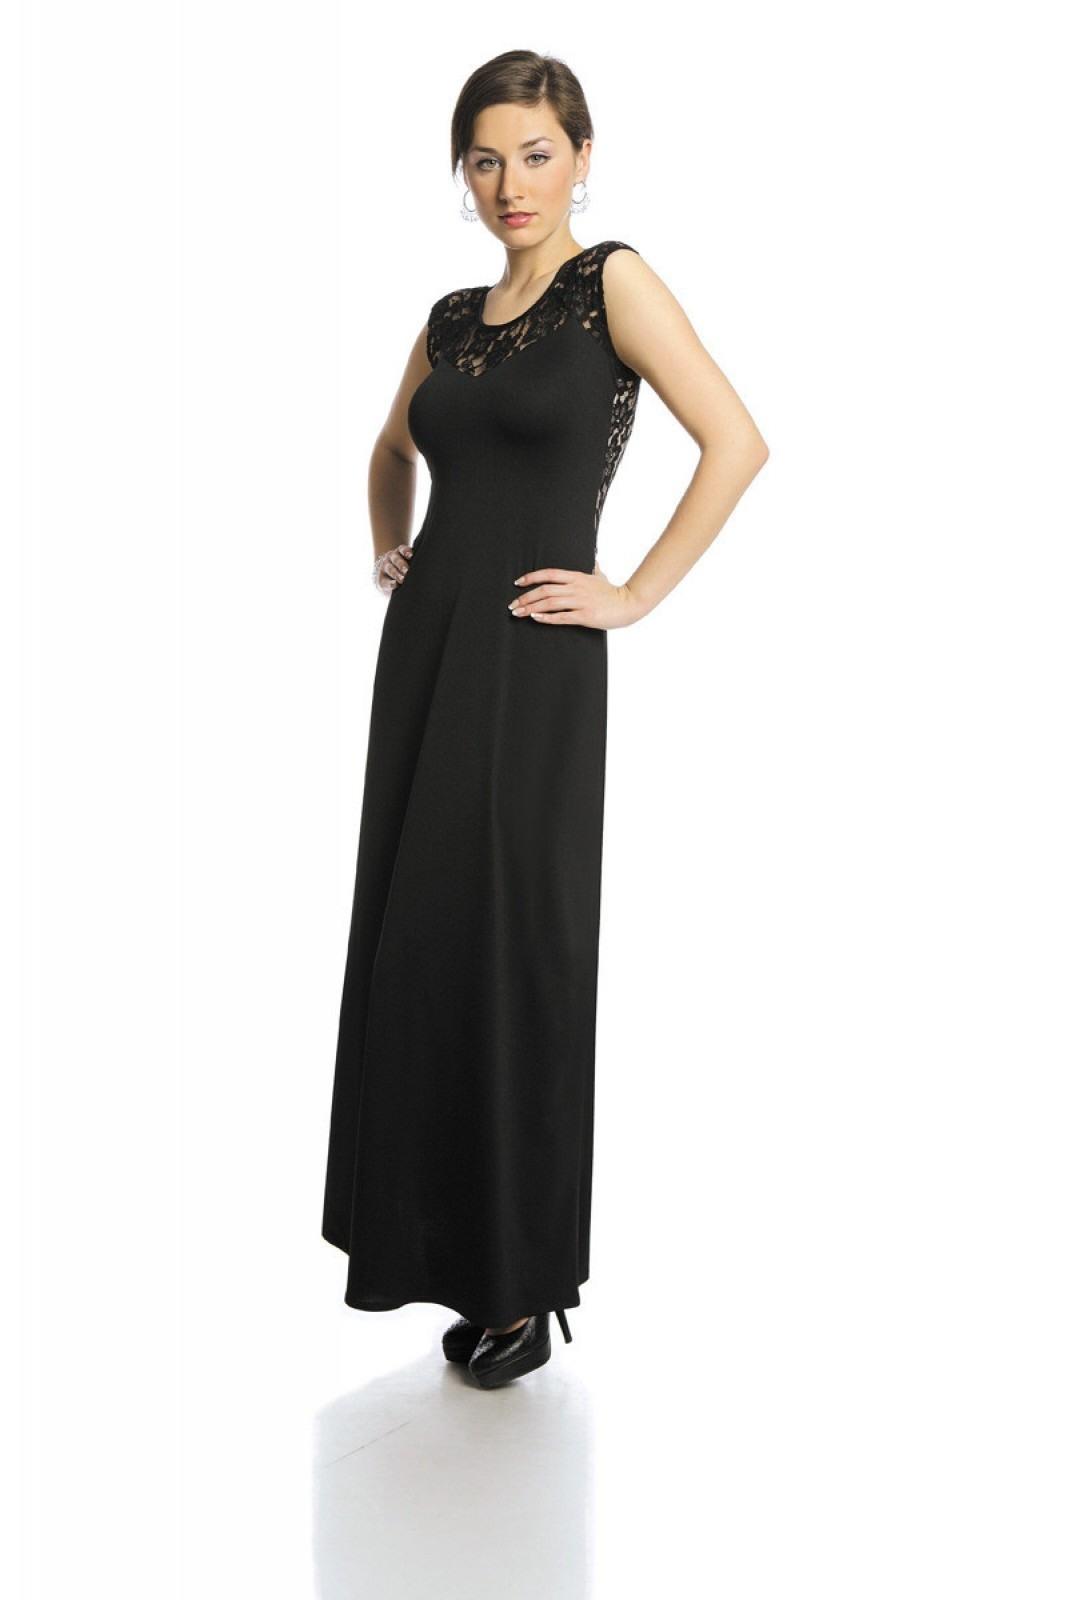 17 Luxus Abendkleider Knöchellang Vertrieb17 Elegant Abendkleider Knöchellang Bester Preis